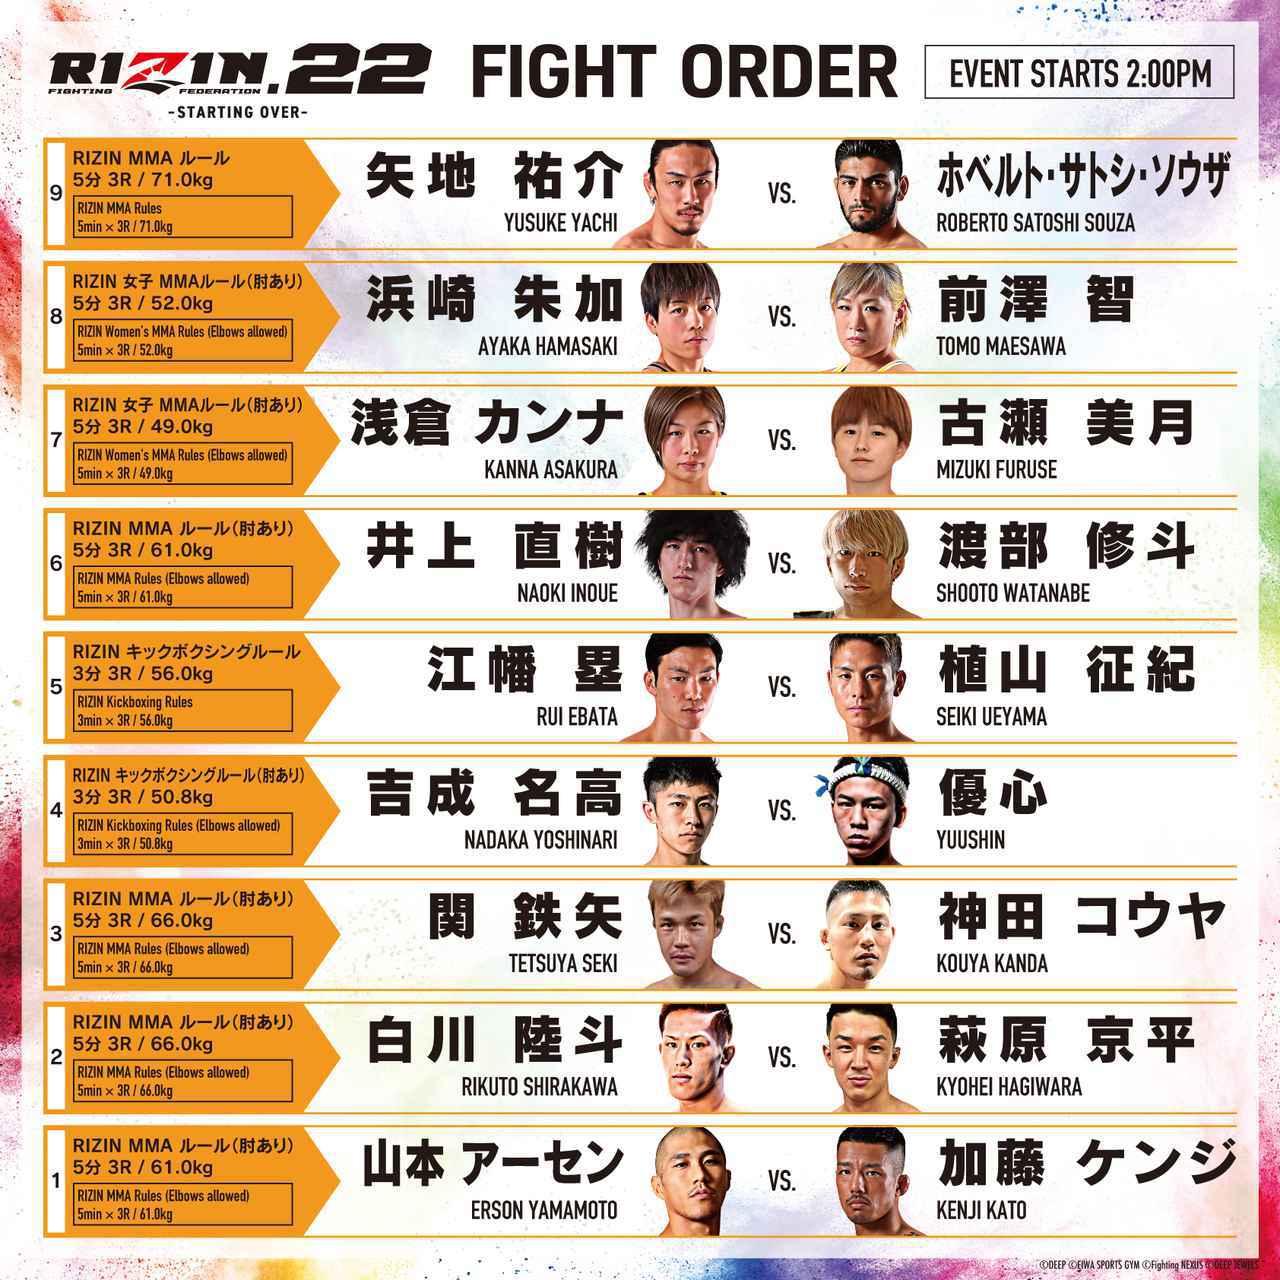 画像: RIZIN.22 FIGHT ORDER